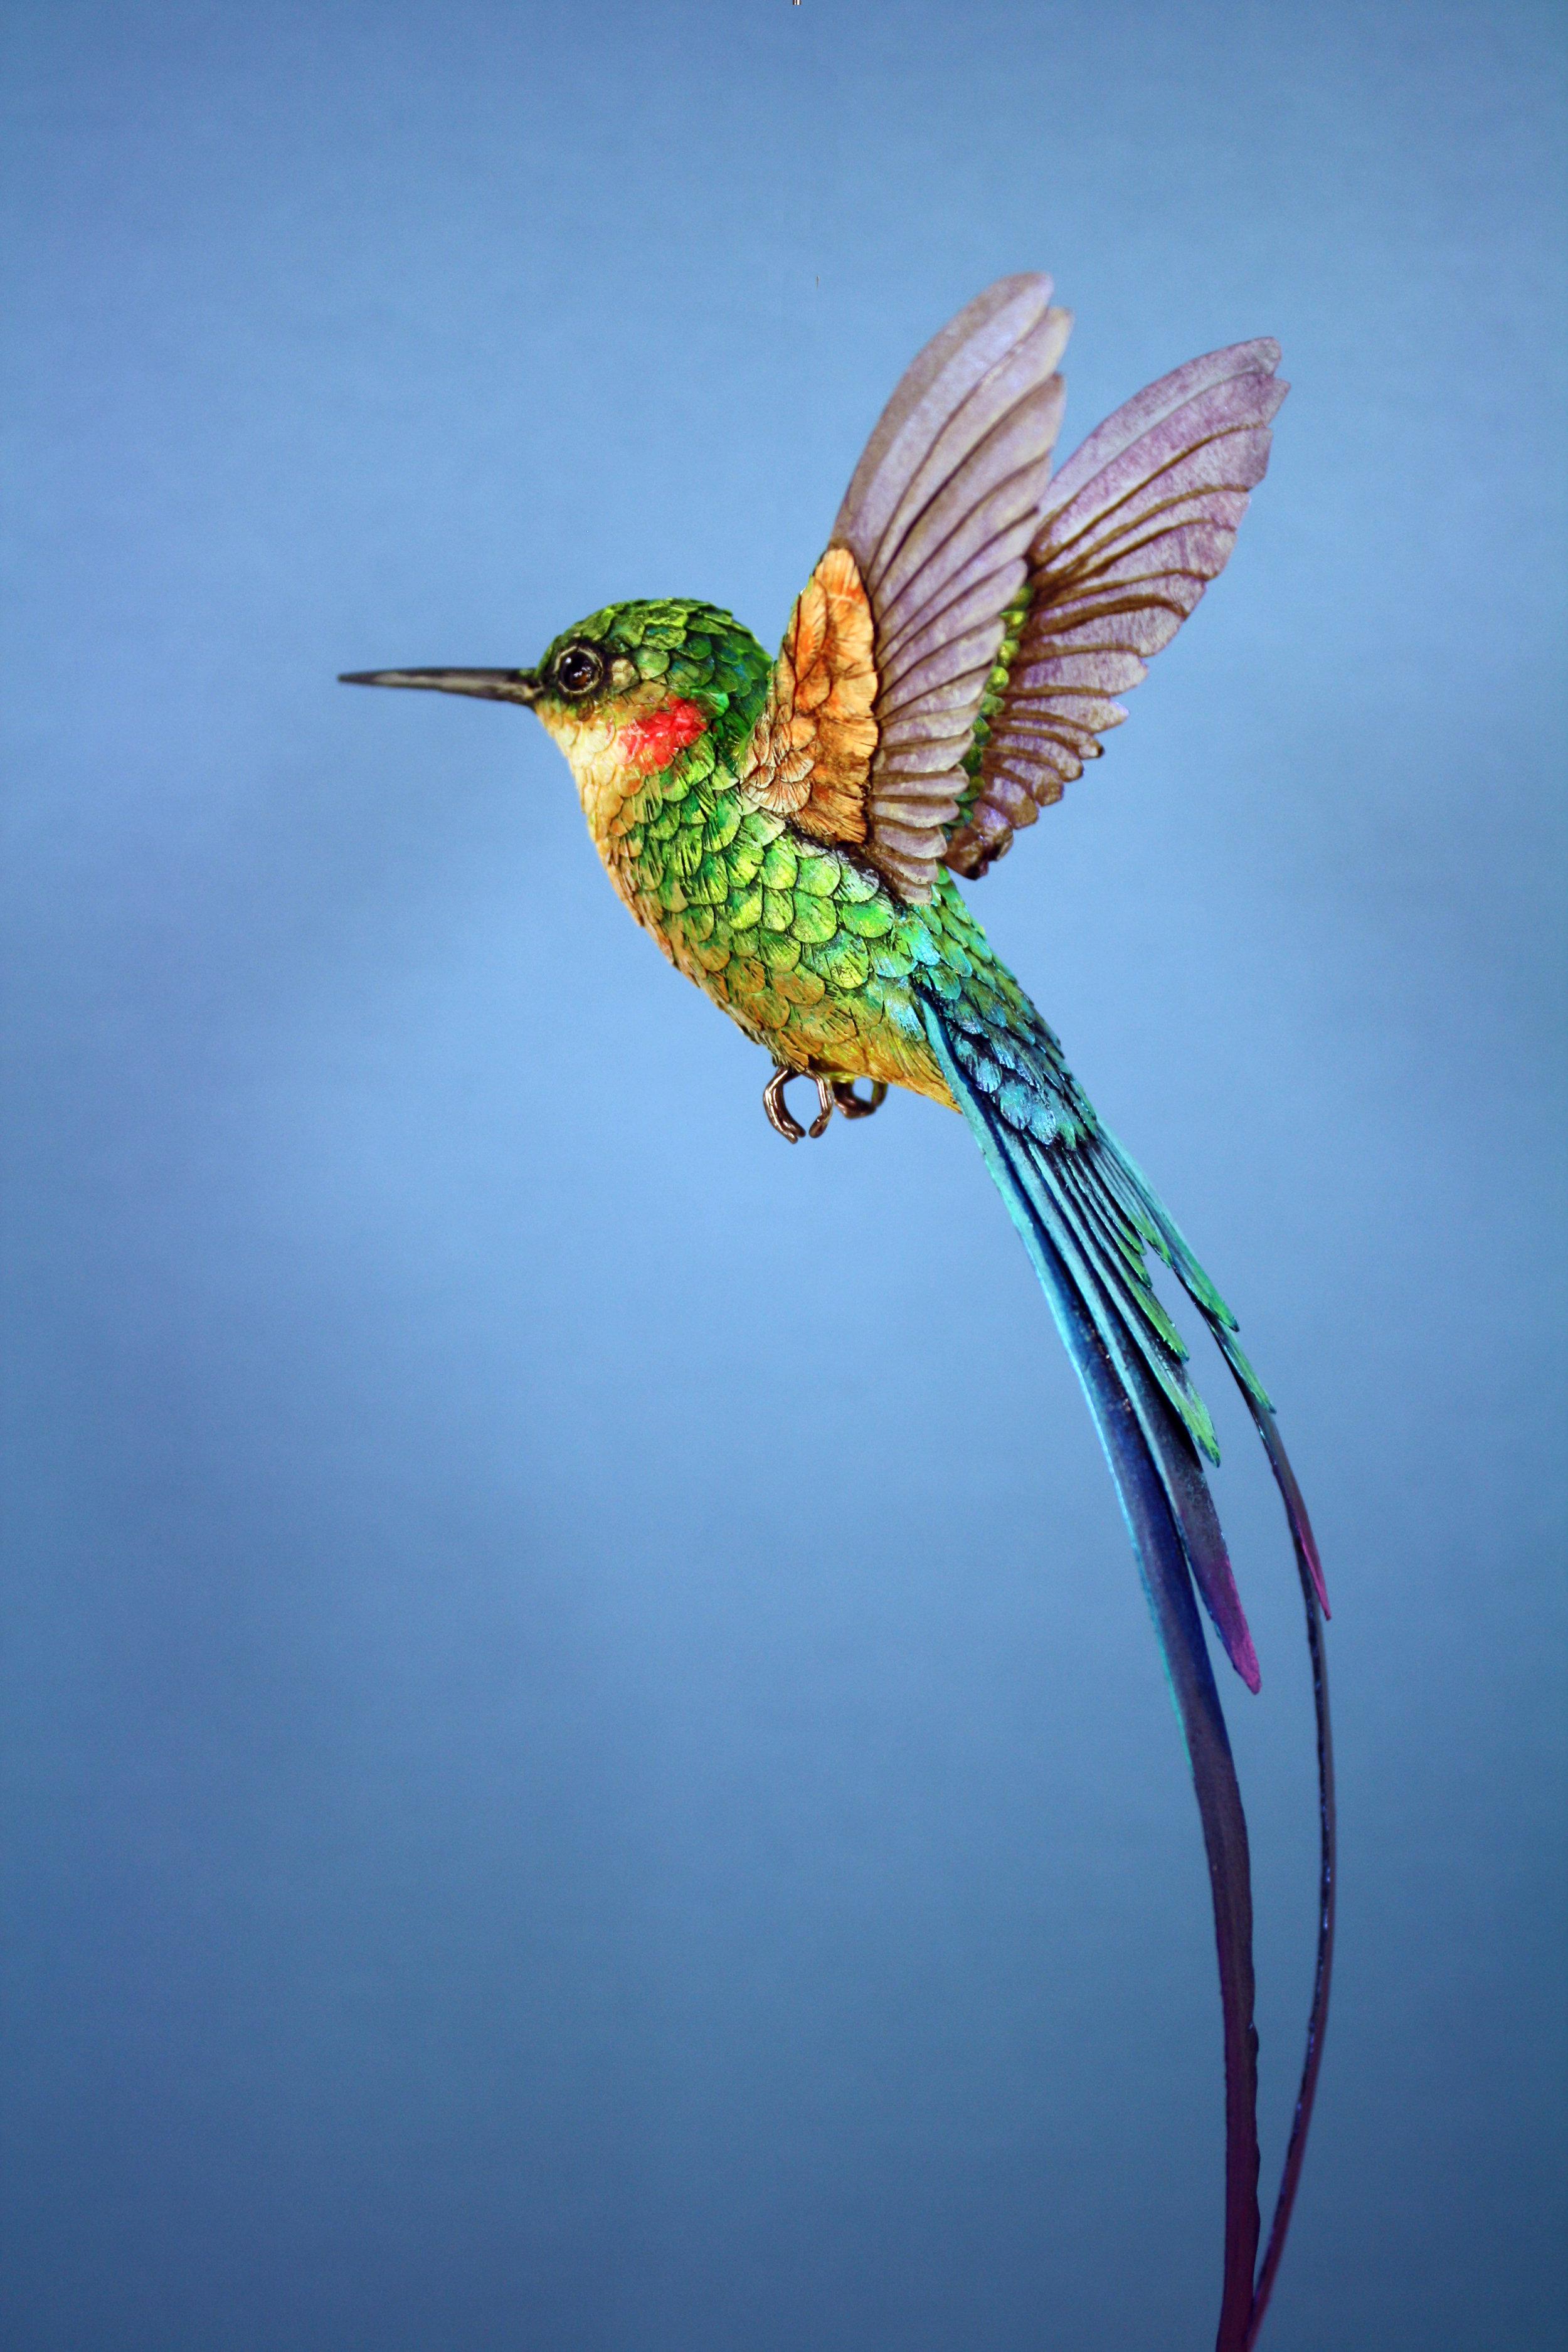 Each hummingbird takes around 40 hours to make.